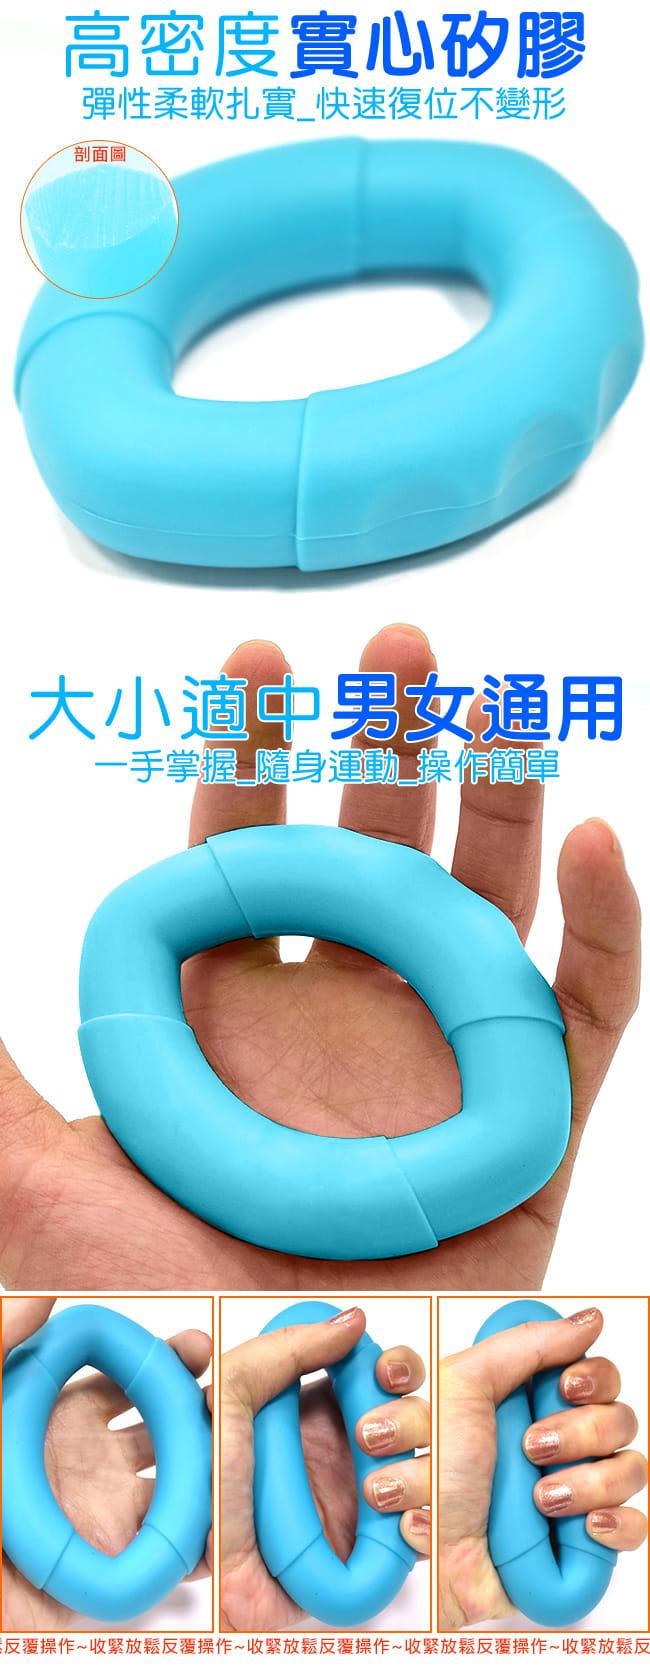 橢圓工學40LB握力圈   矽膠握力器握力環 4